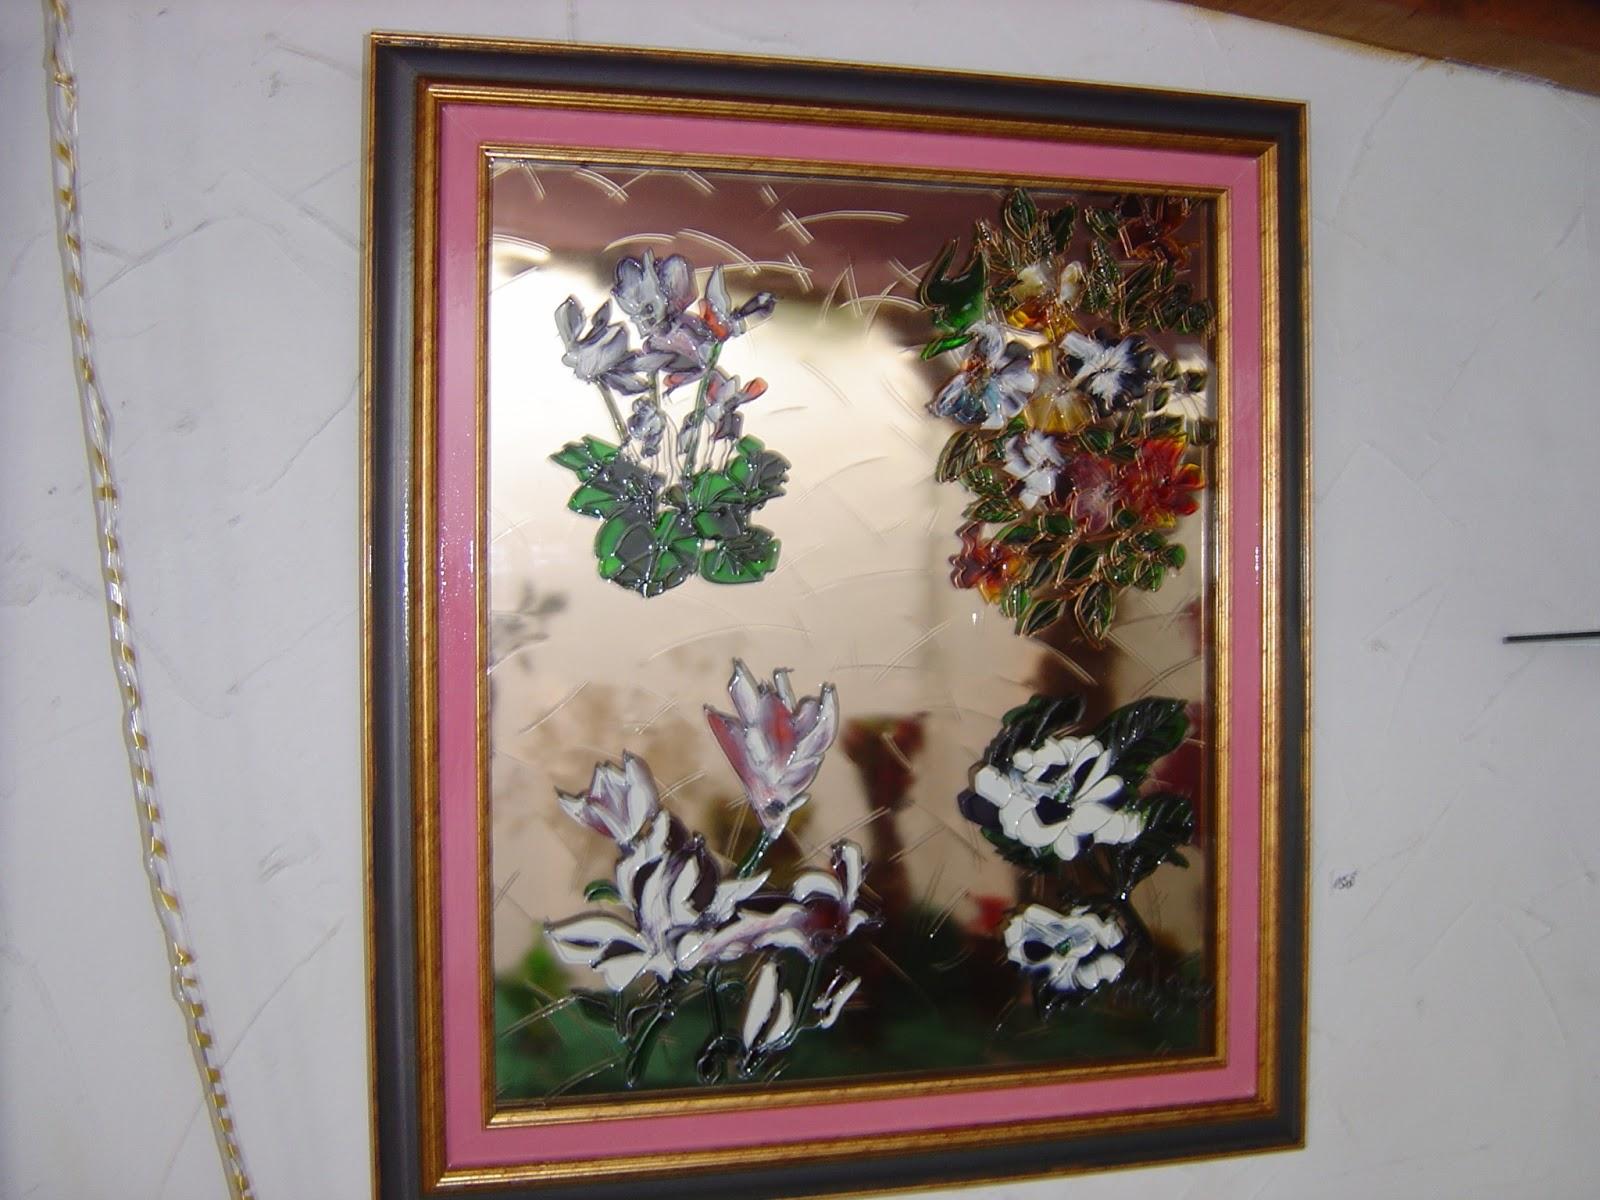 le verre soi peinture sur verre travaill vieux rose le printemps 120. Black Bedroom Furniture Sets. Home Design Ideas